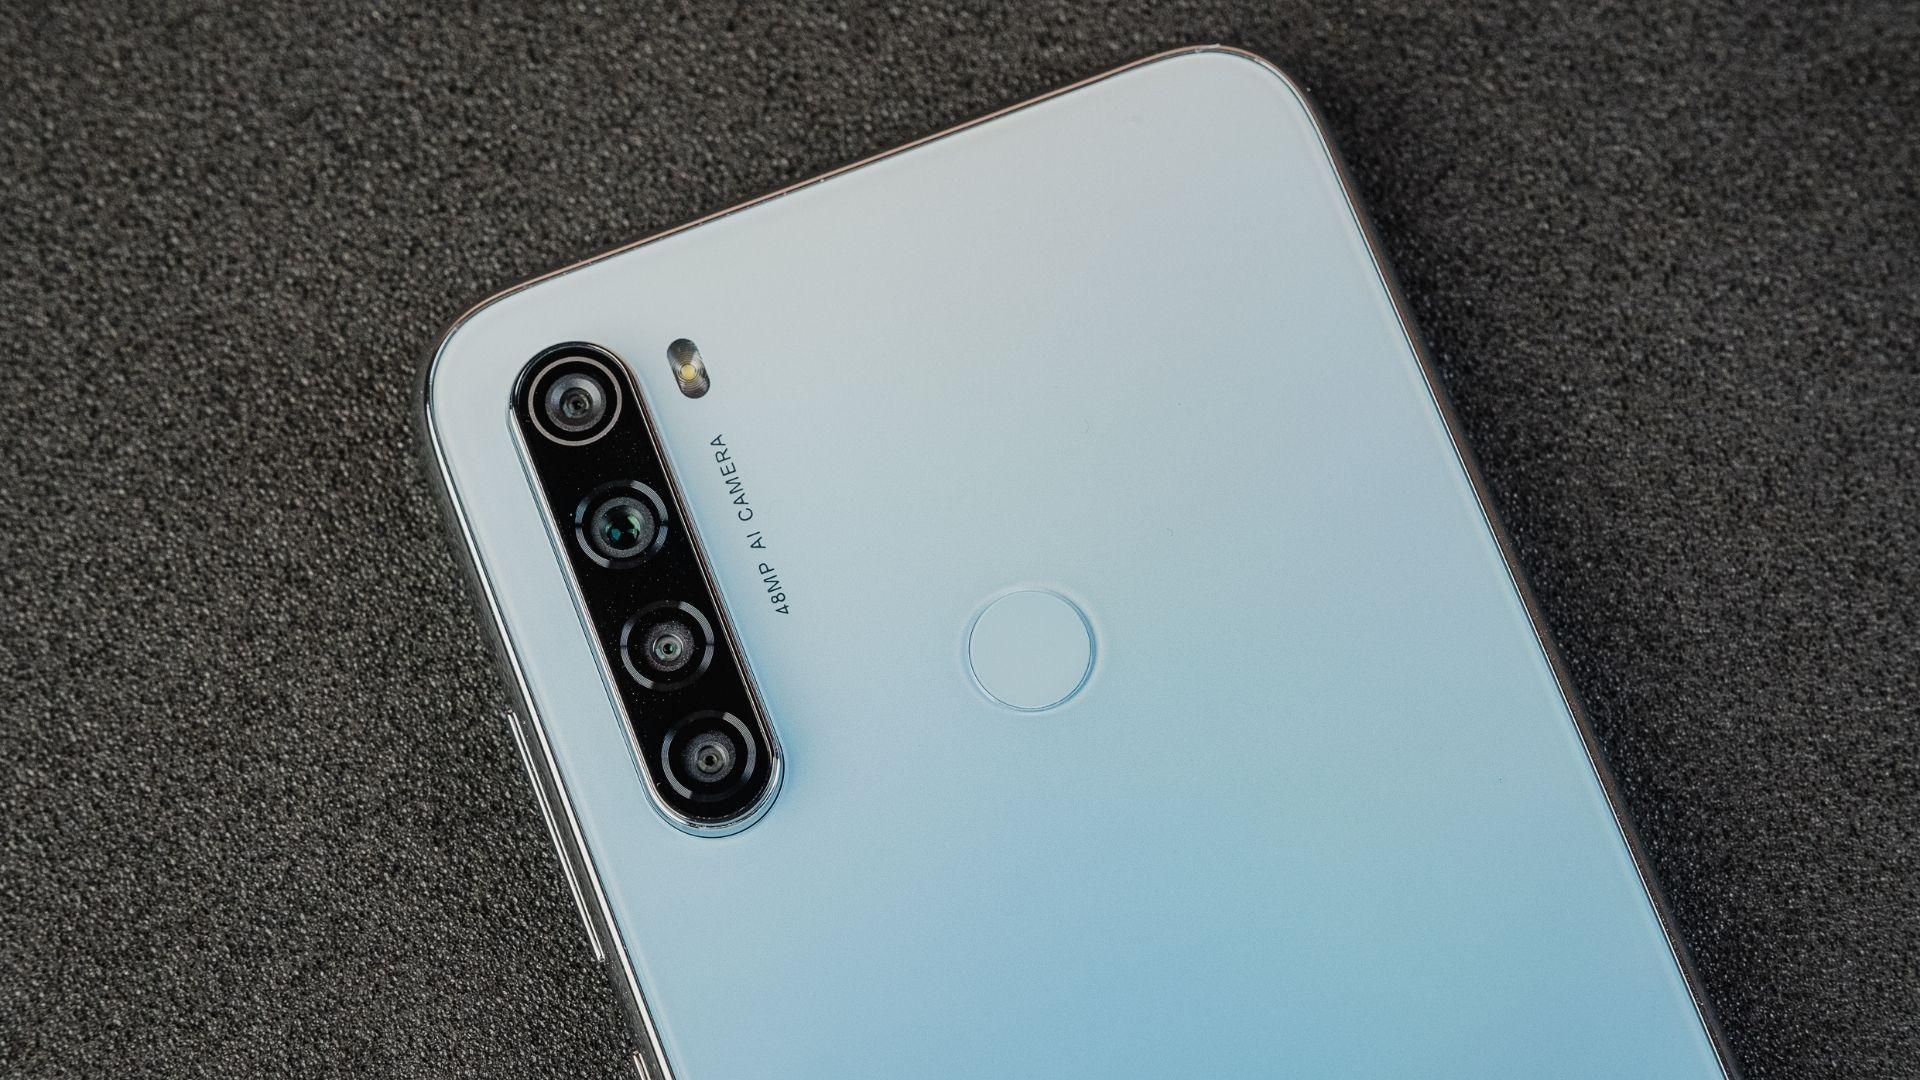 Conjunto de câmeras traseiras do Redmi Note 8 (Foto: Zoom)